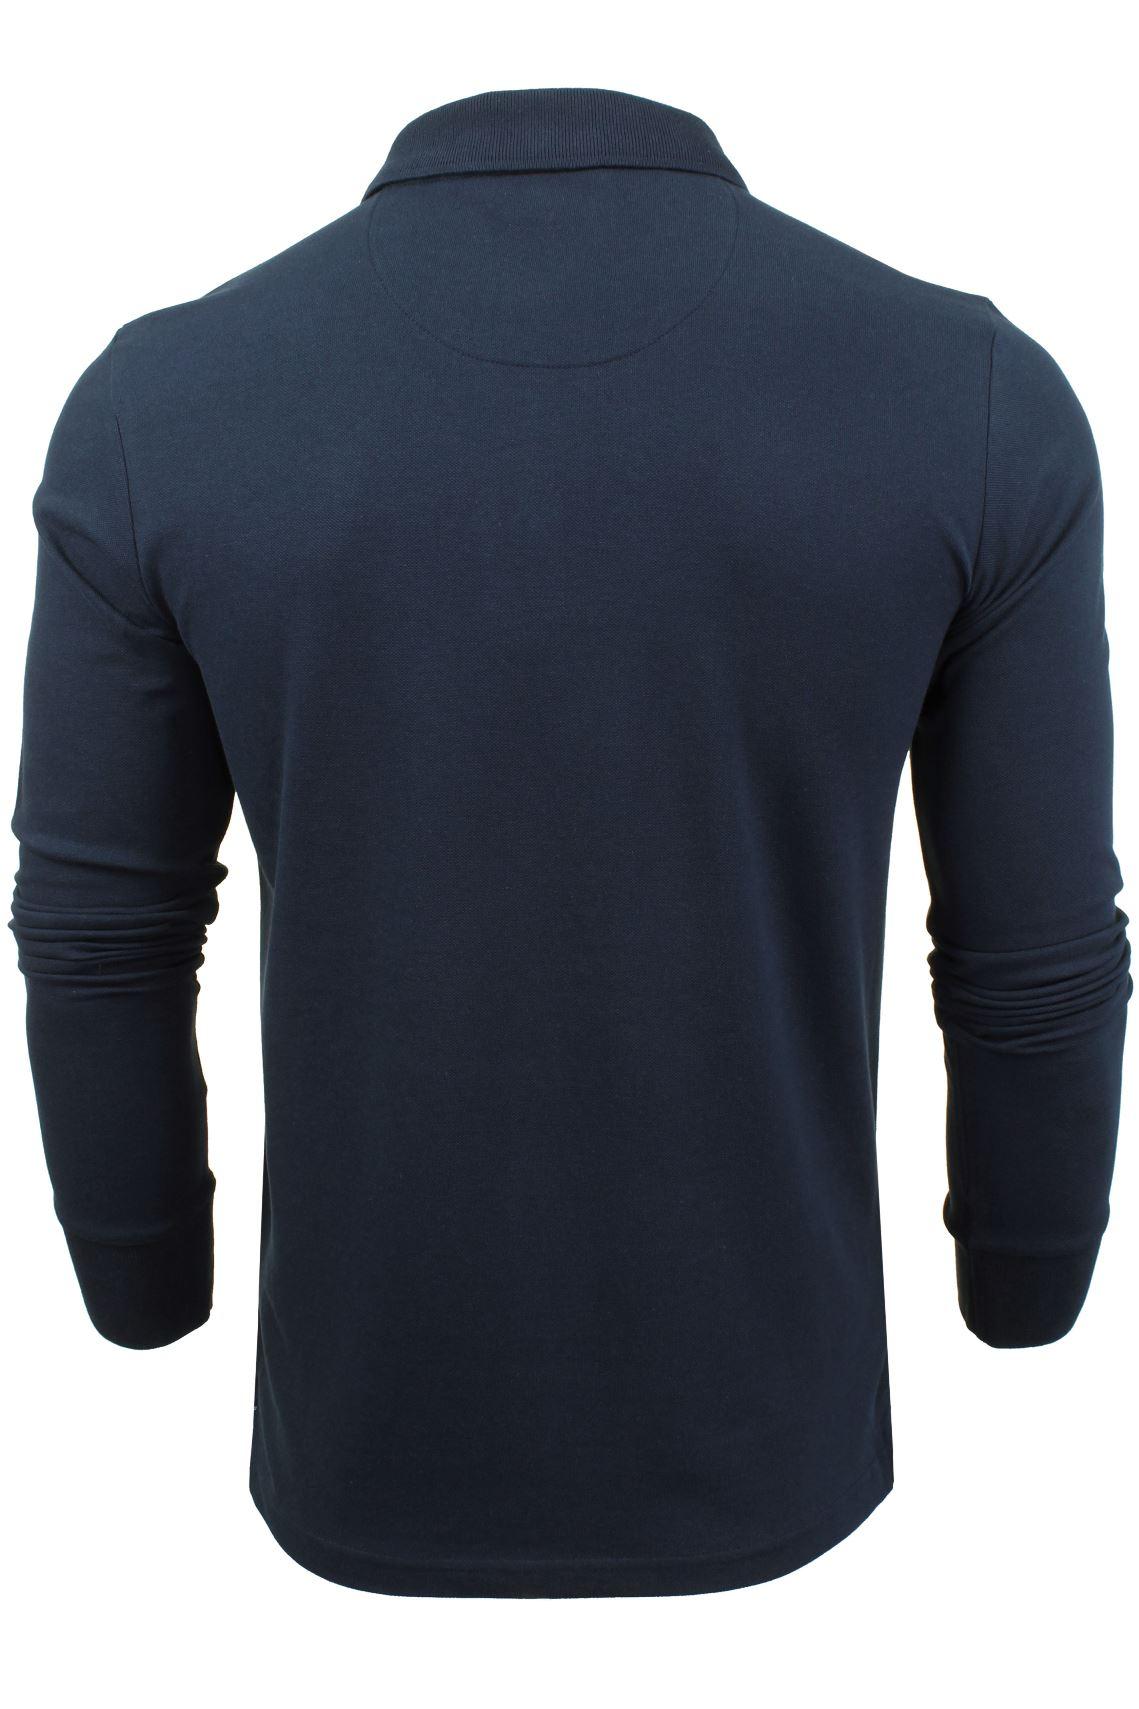 Camiseta-Polo-Para-Hombre-Por-Xact-pique-de-manga-larga miniatura 13